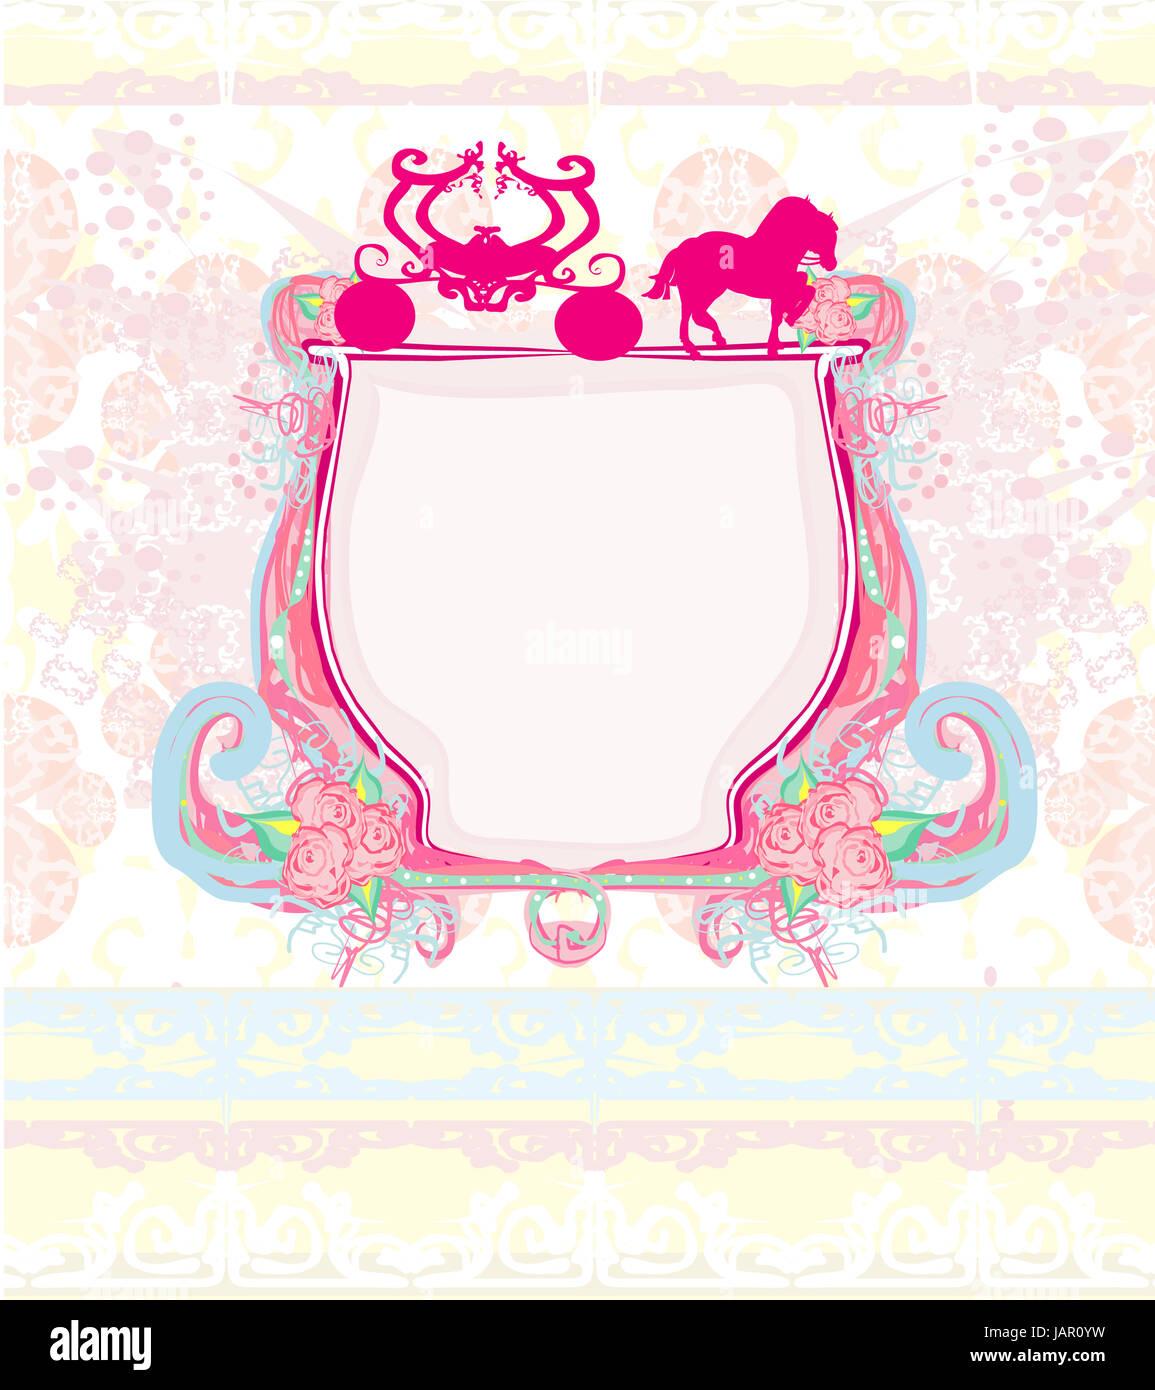 Wagen Vintage Floral Hochzeitseinladung Stockfoto Bild 144335181